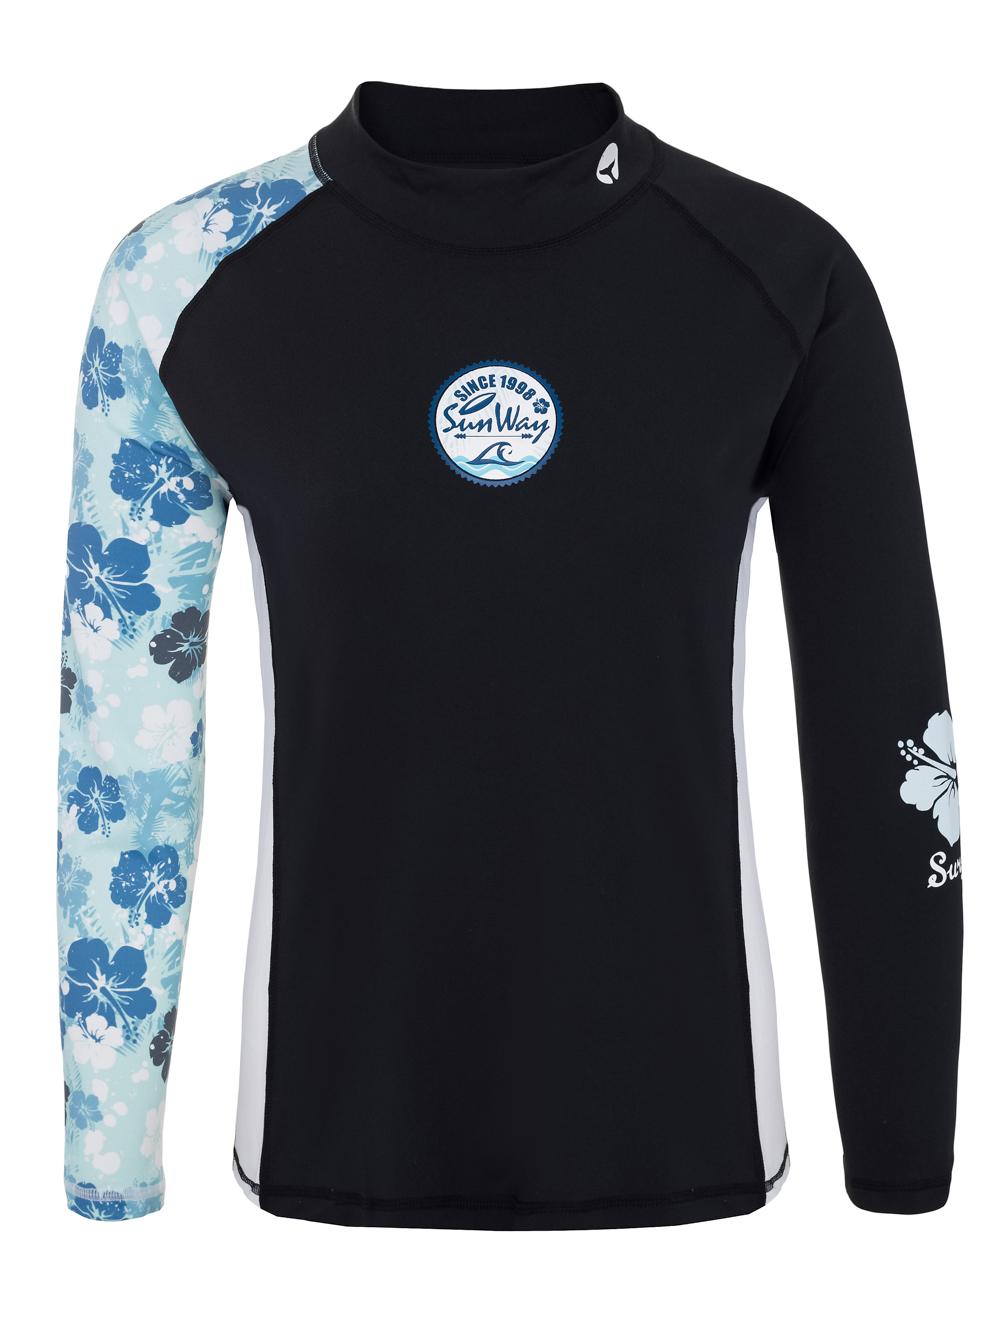 Long sleeves swim shirt rash guard shirt for women